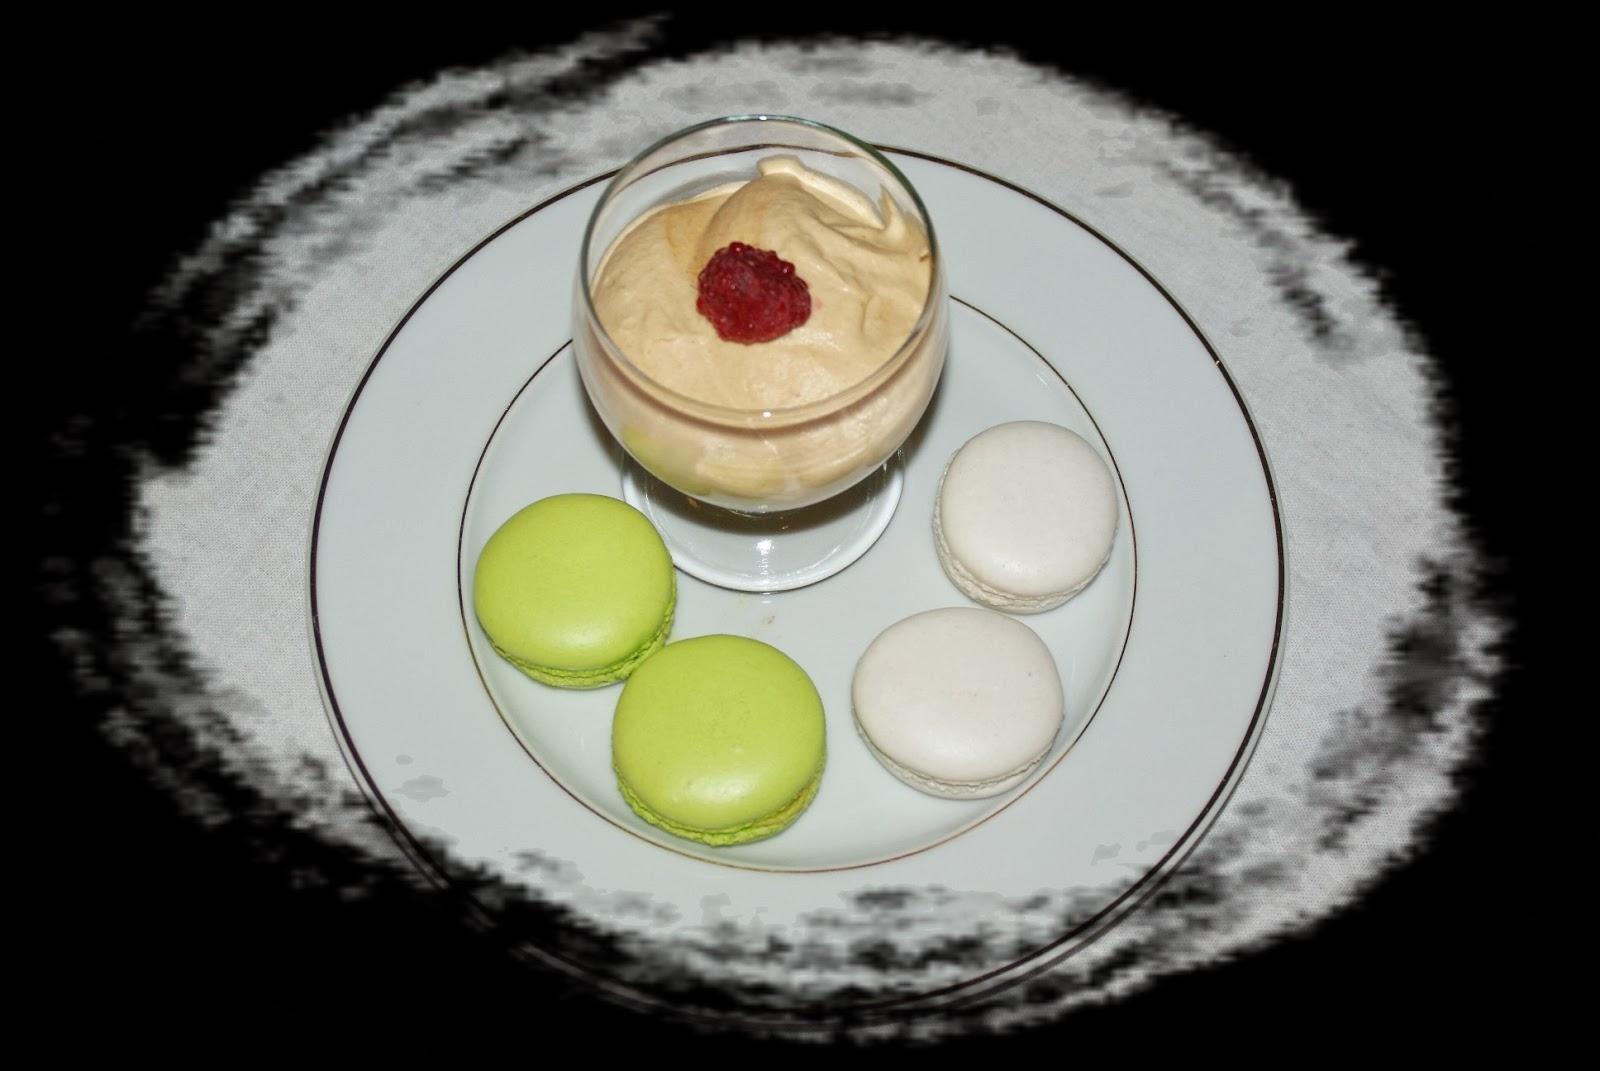 les macarons de sophie duo caramel au beurre sal pistache framboise. Black Bedroom Furniture Sets. Home Design Ideas